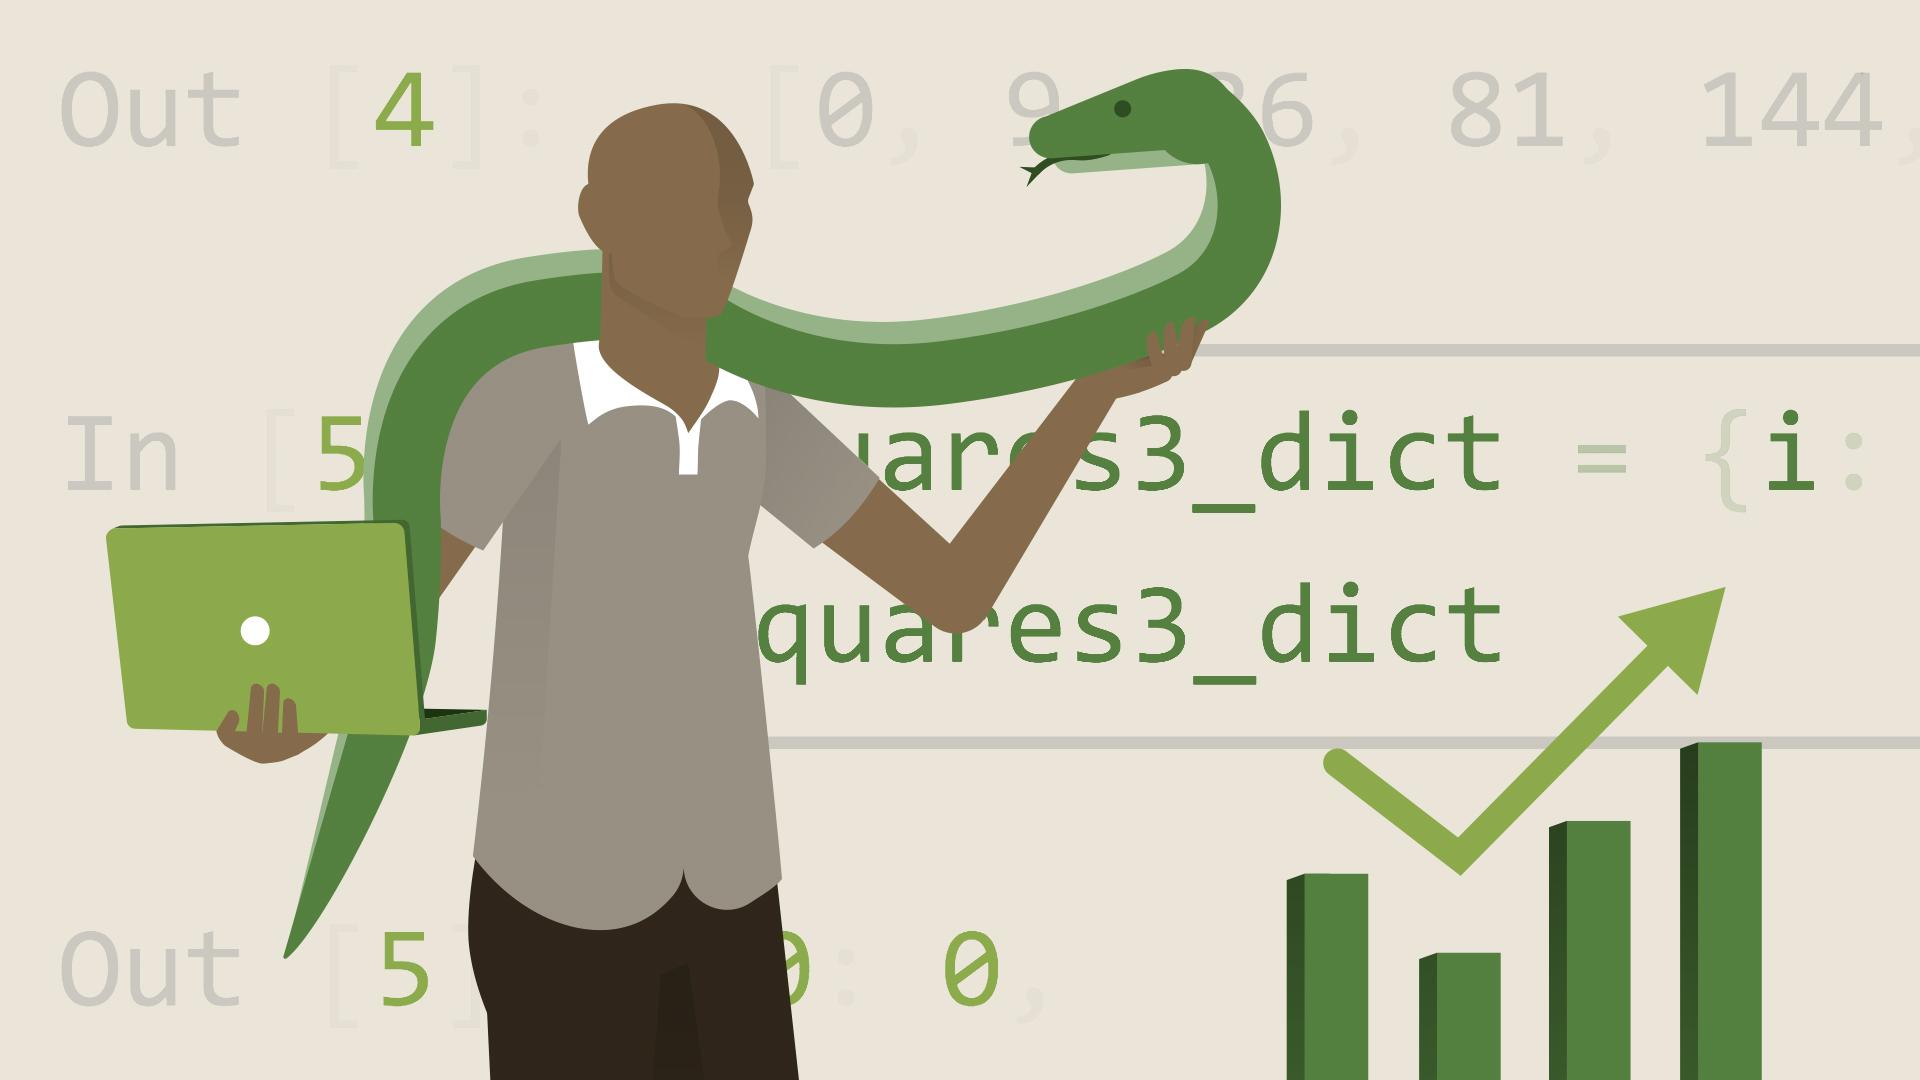 Podatki so uporabni, če jih znamo zbirati in ustrezno obdelovati